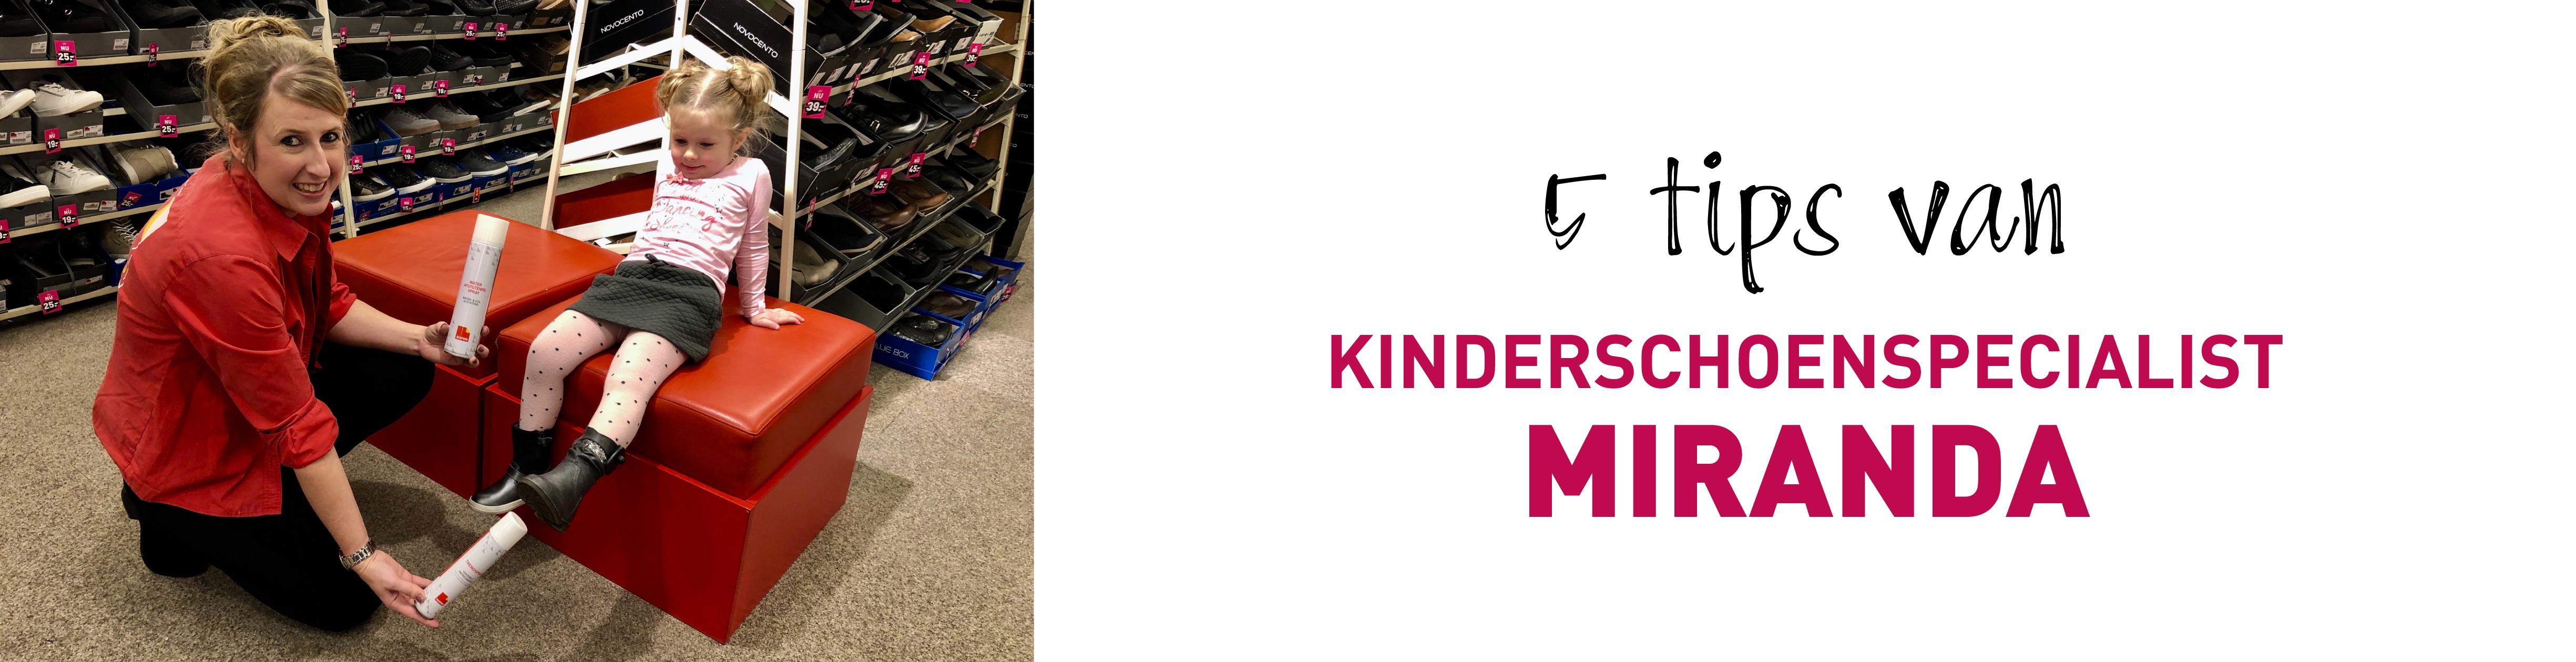 5 tips van kinderschoenspecialist Miranda